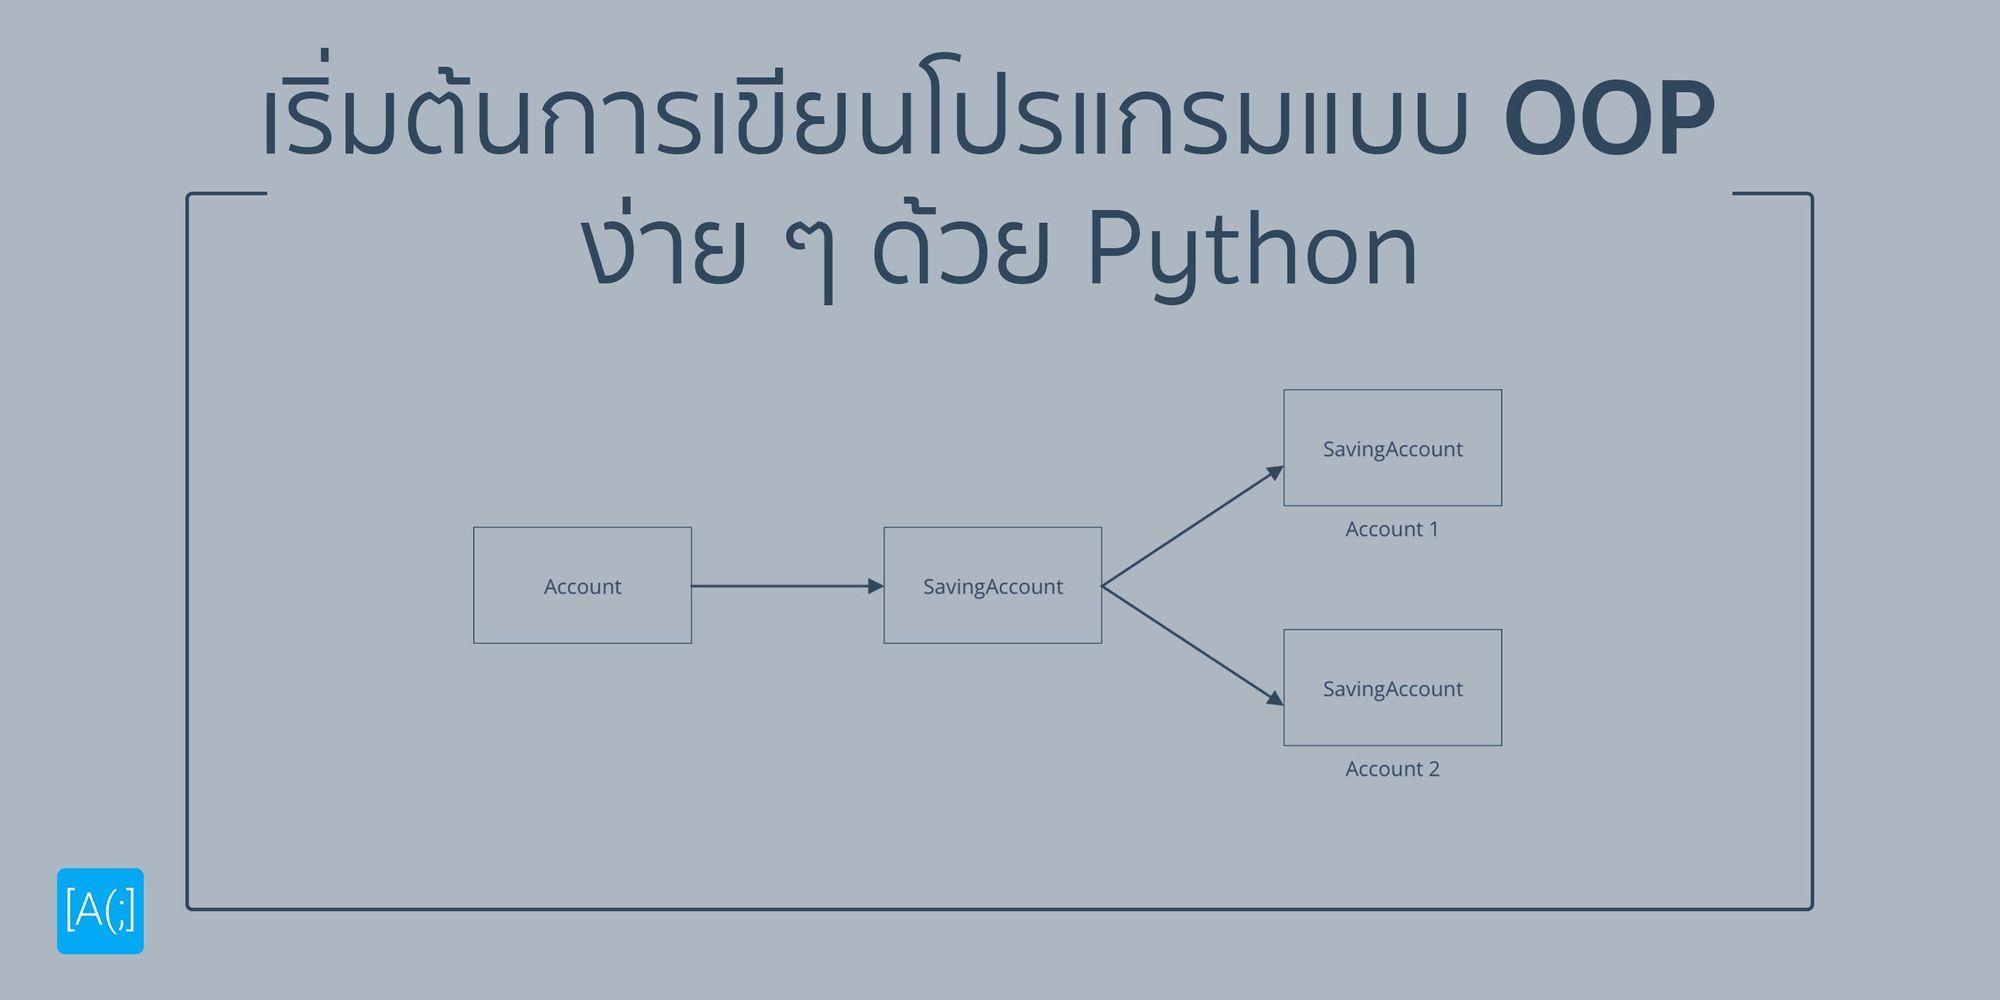 เริ่มต้นการเขียนโปรแกรมแบบ OOP ง่าย ๆ ด้วย Python